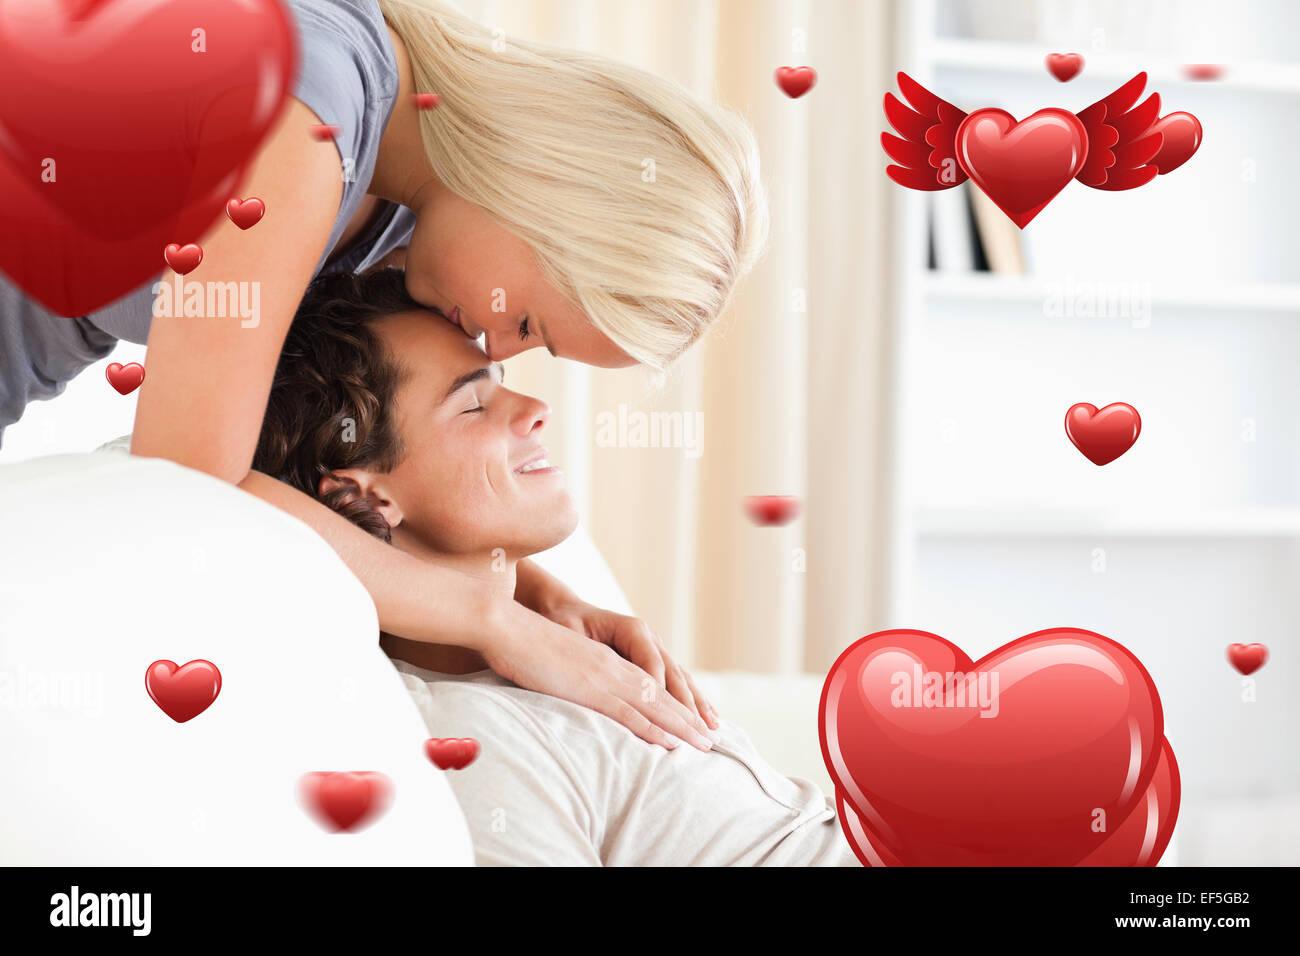 Immagine composita della donna baciare il suo fidanzato sulla fronte Immagini Stock